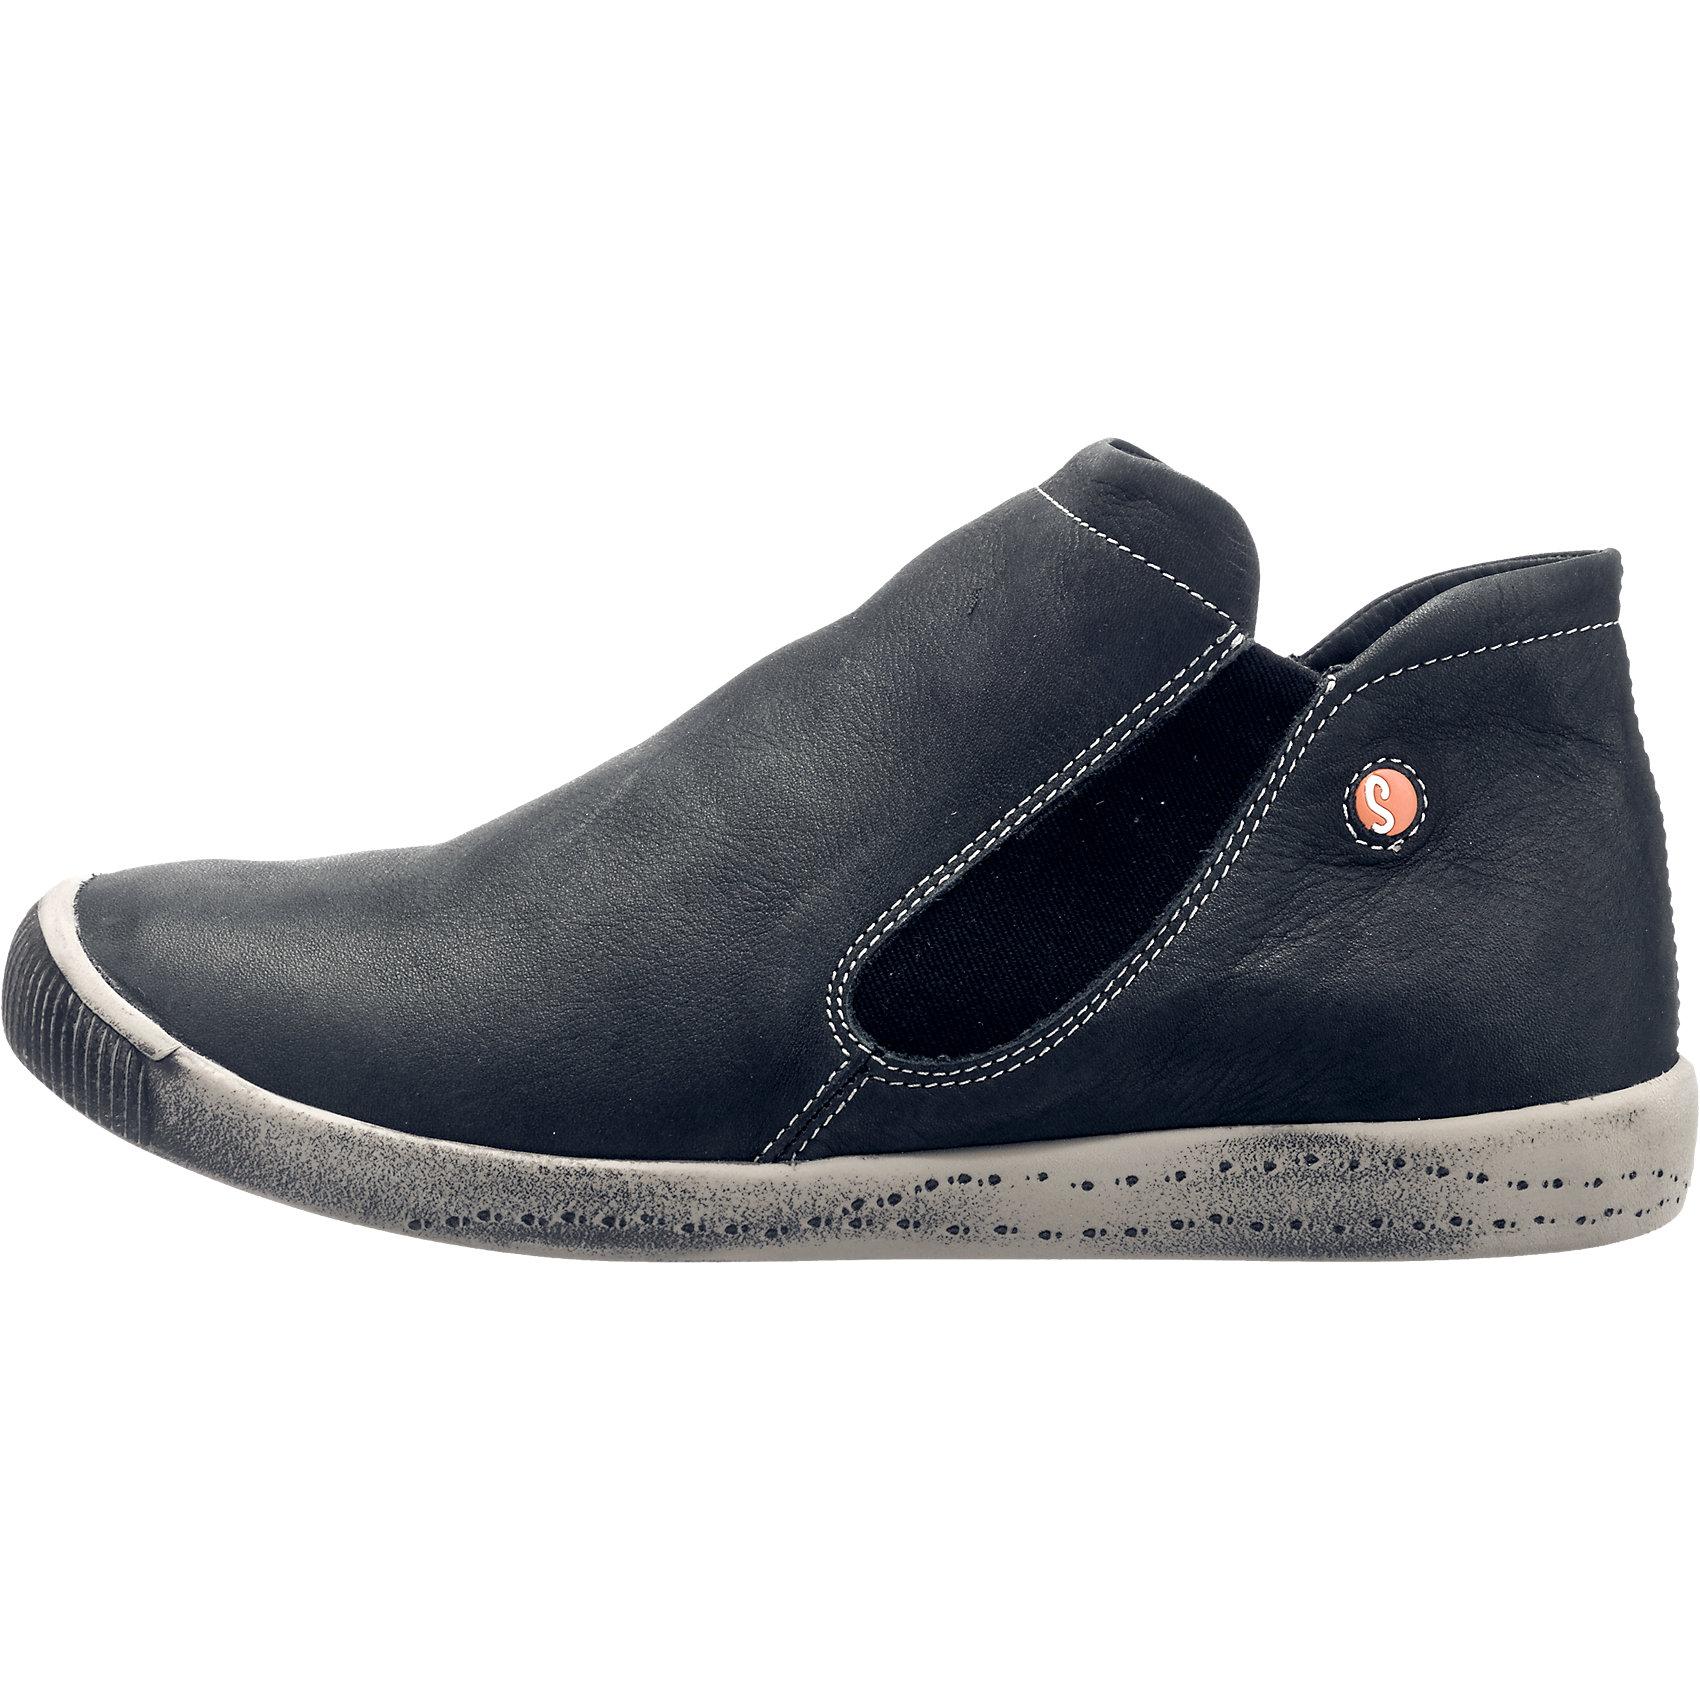 Neu softinos Inge Halbschuhe 5778192 schwarz für Damen dunkelbraun schwarz 5778192 64d9cd